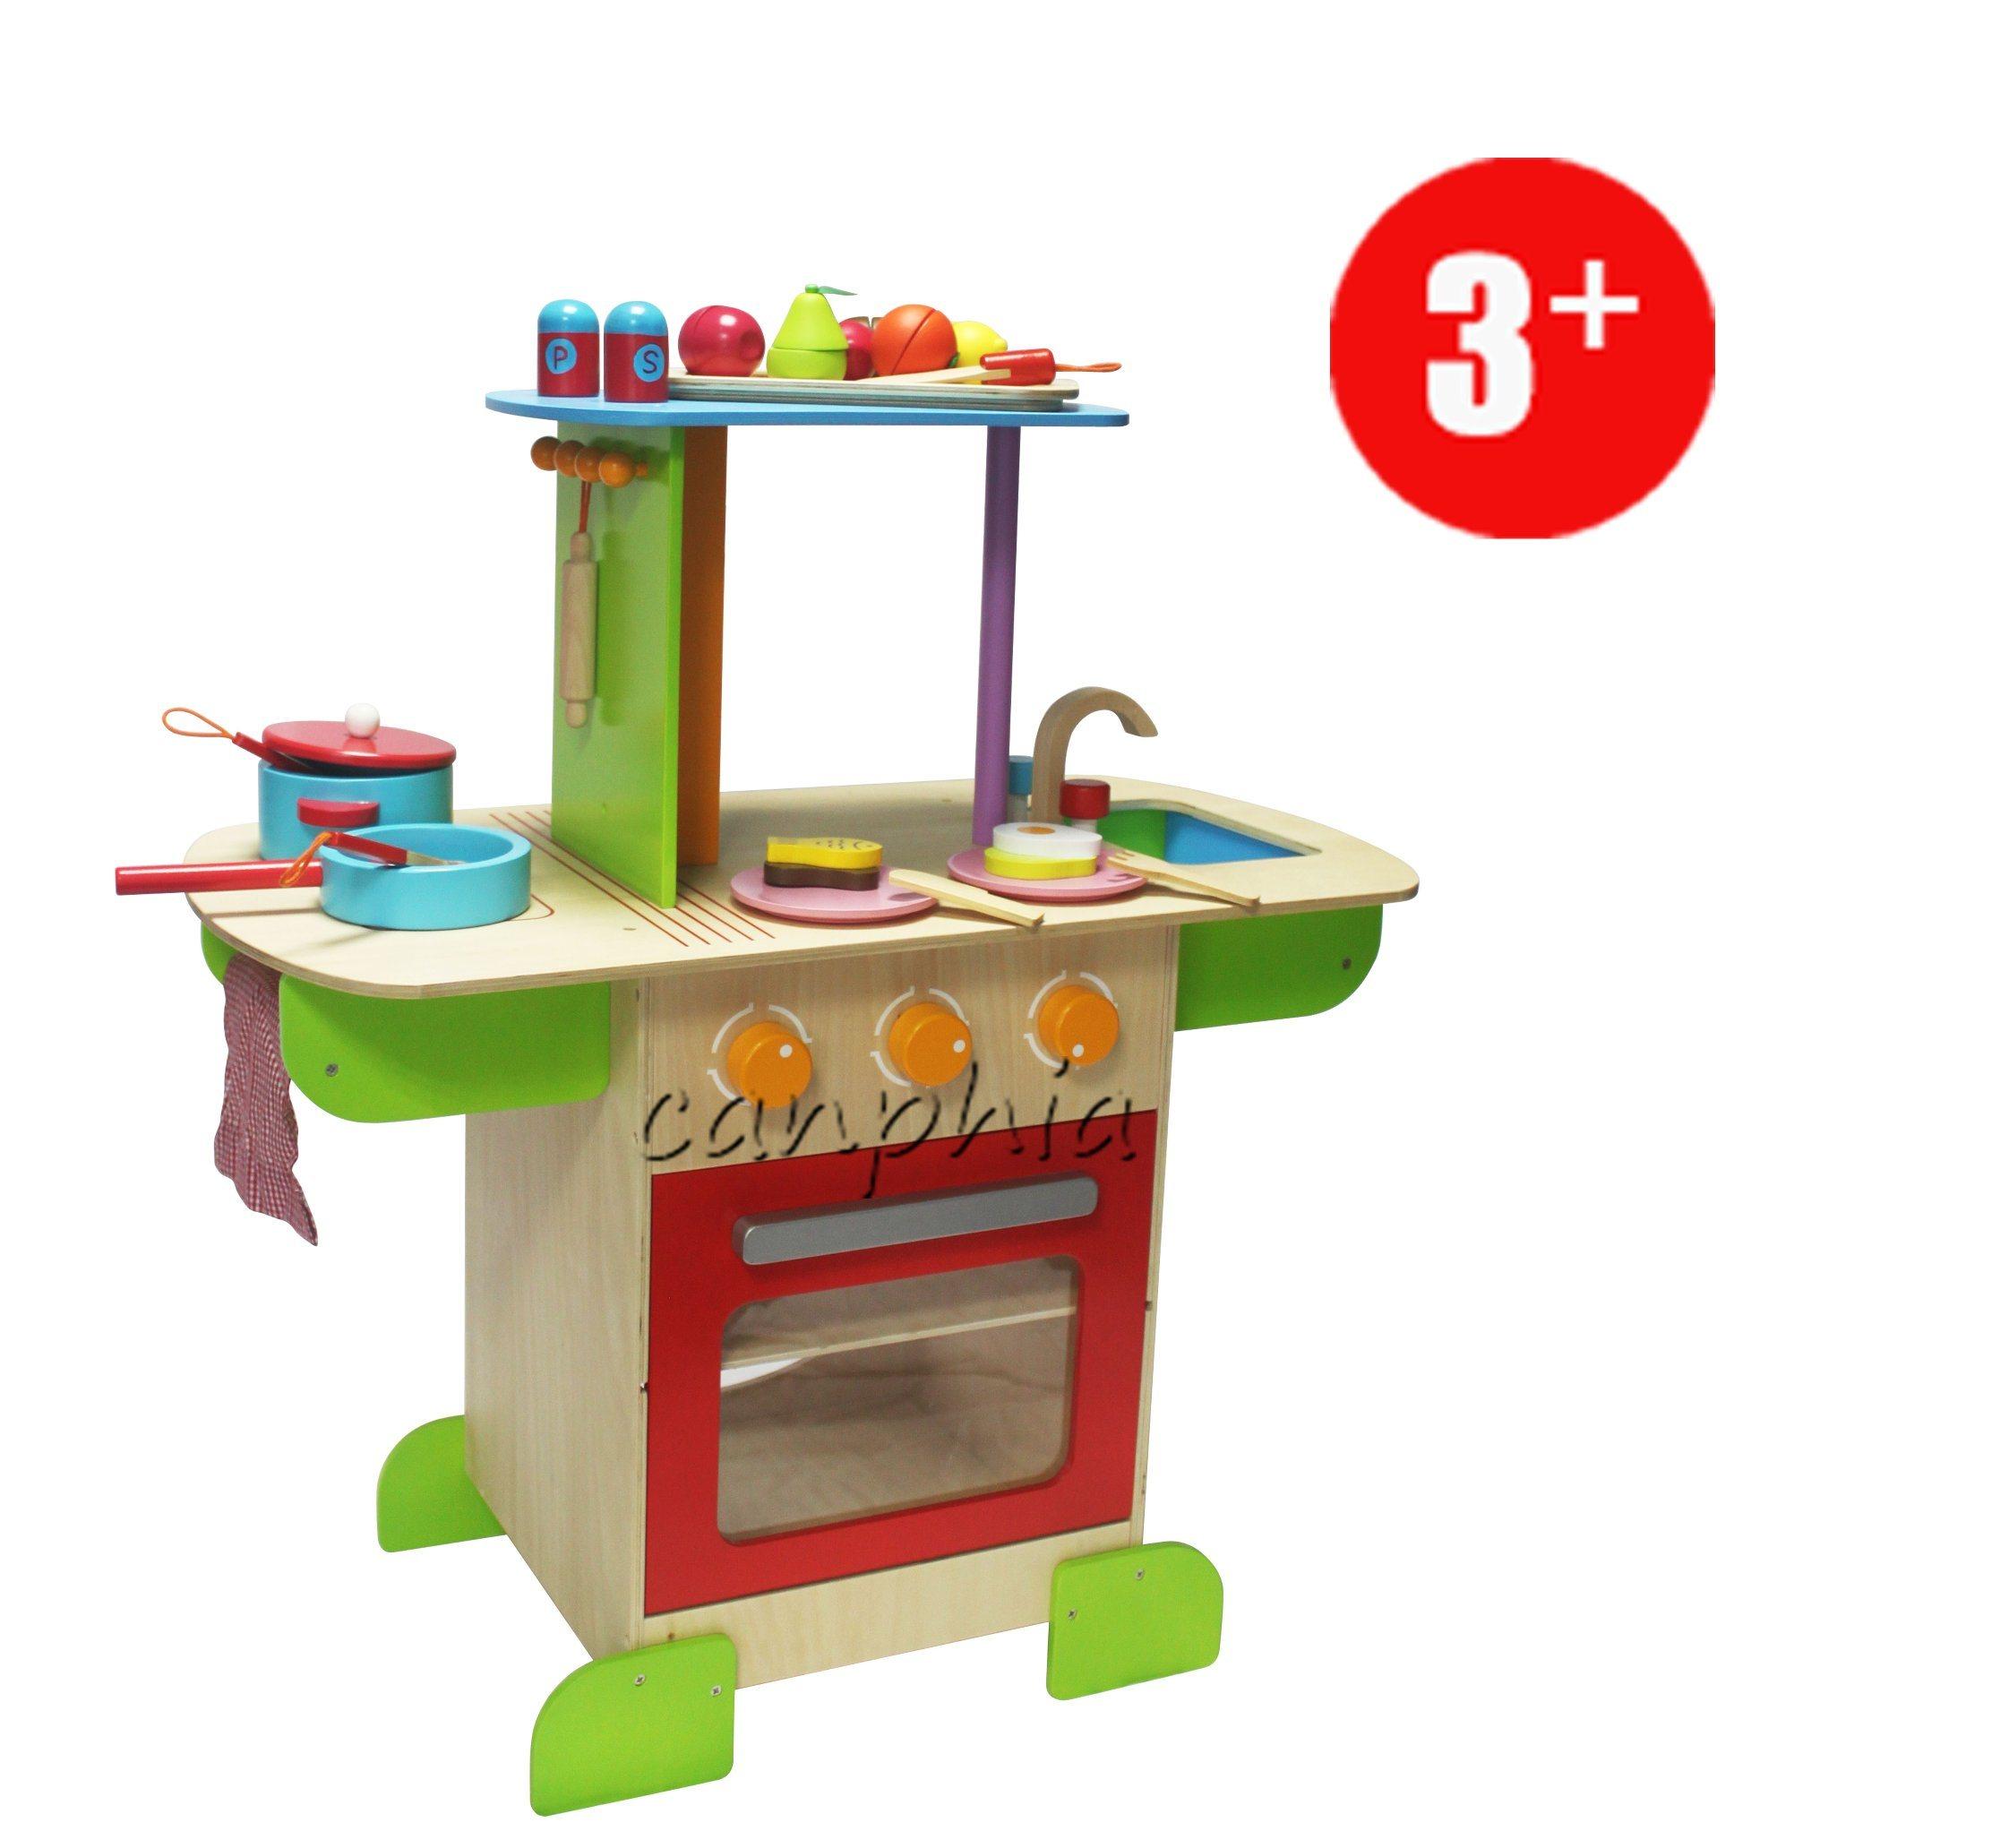 China Children Wooden Kitchen Set Pretend Playset, DIY Wooden Toy ...